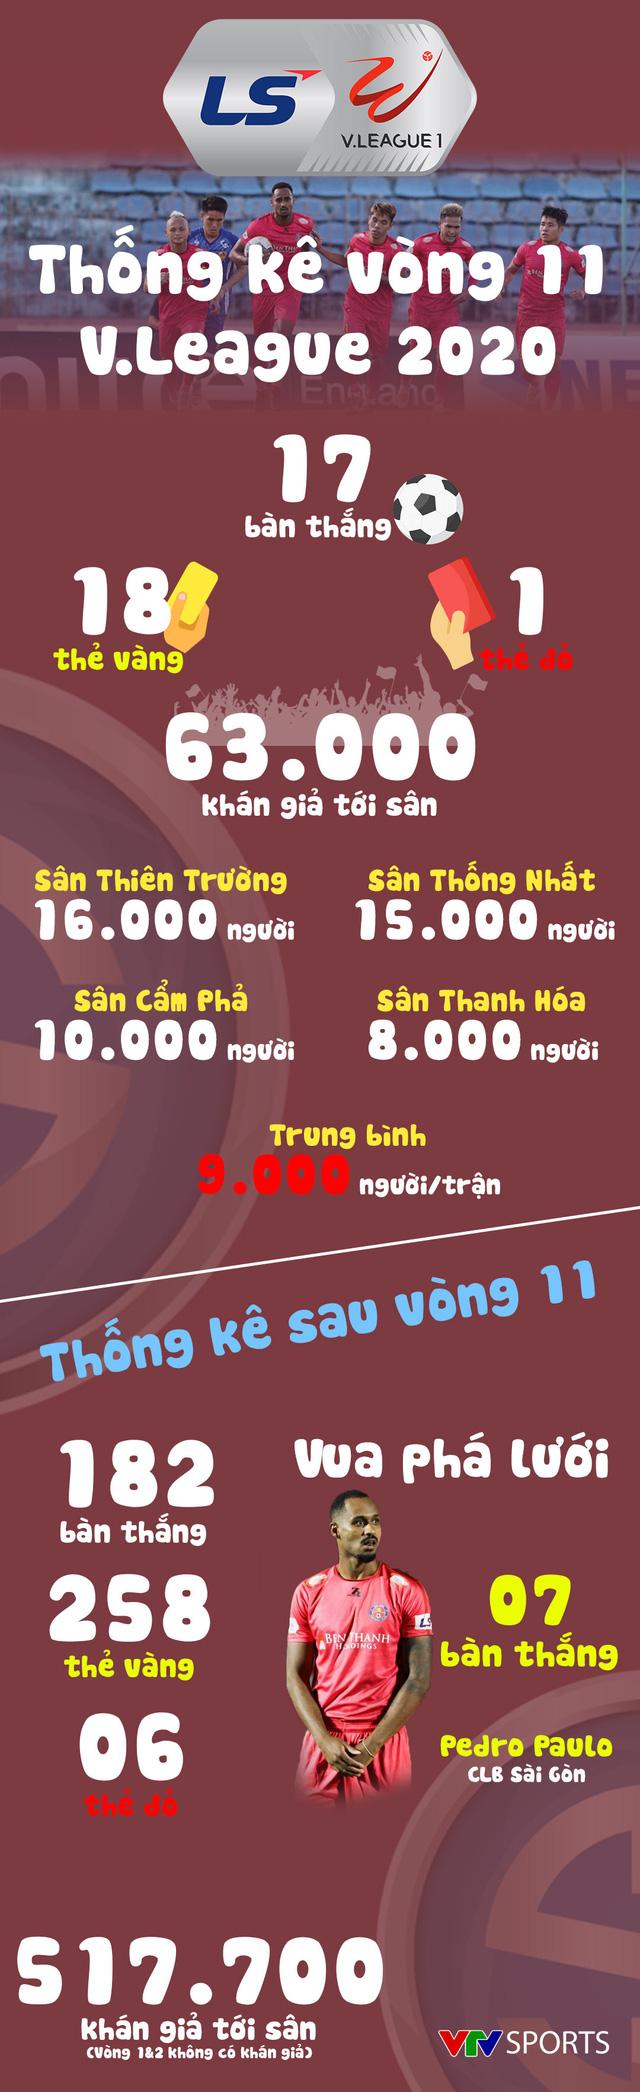 Infographic: Các số liệu thống kê vòng 11 V.League 2020 - Ảnh 1.